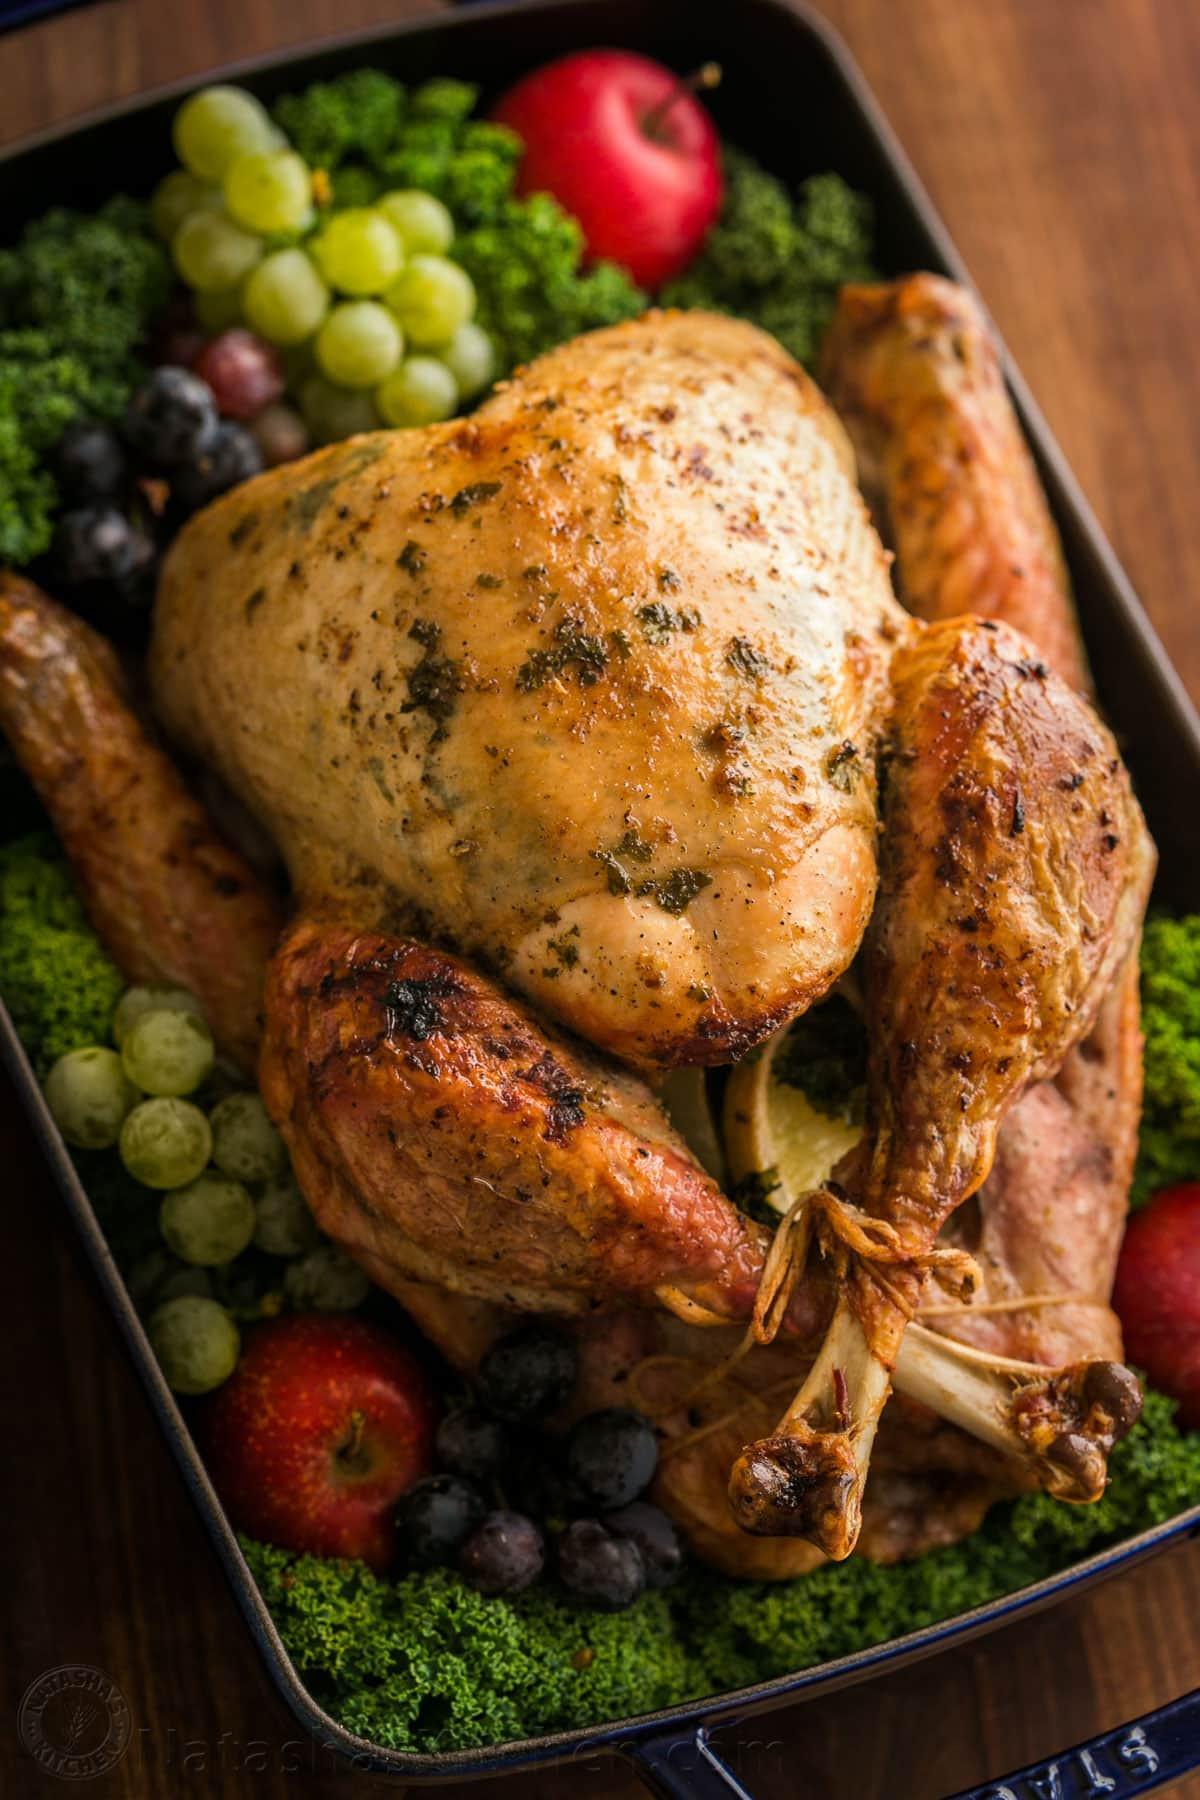 Best Turkey Recipe For Thanksgiving  Thanksgiving Turkey Recipe VIDEO NatashasKitchen